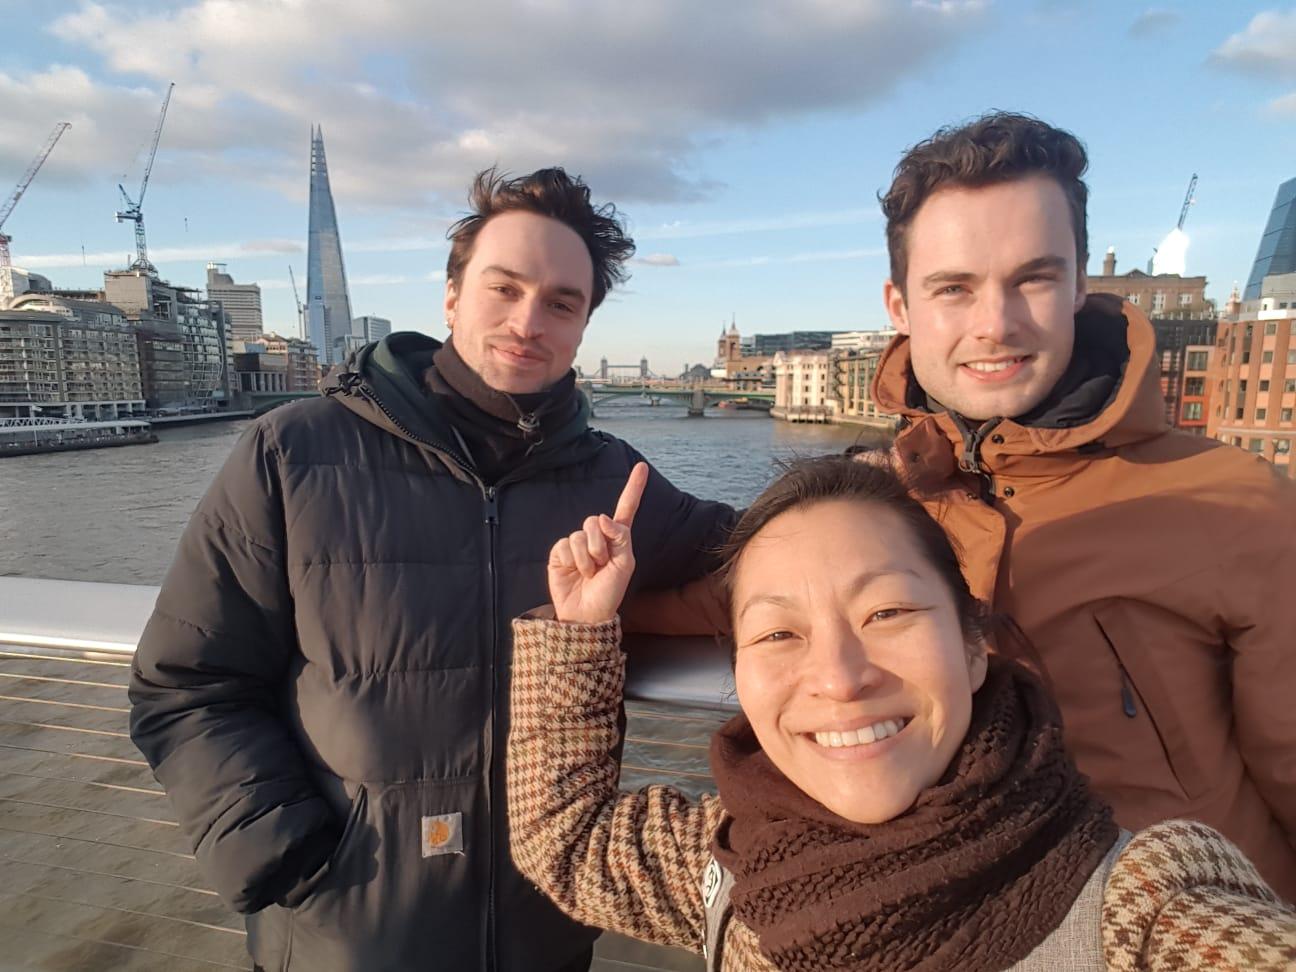 Recce (locatiebezoek) voor nieuwe korte film in Londen